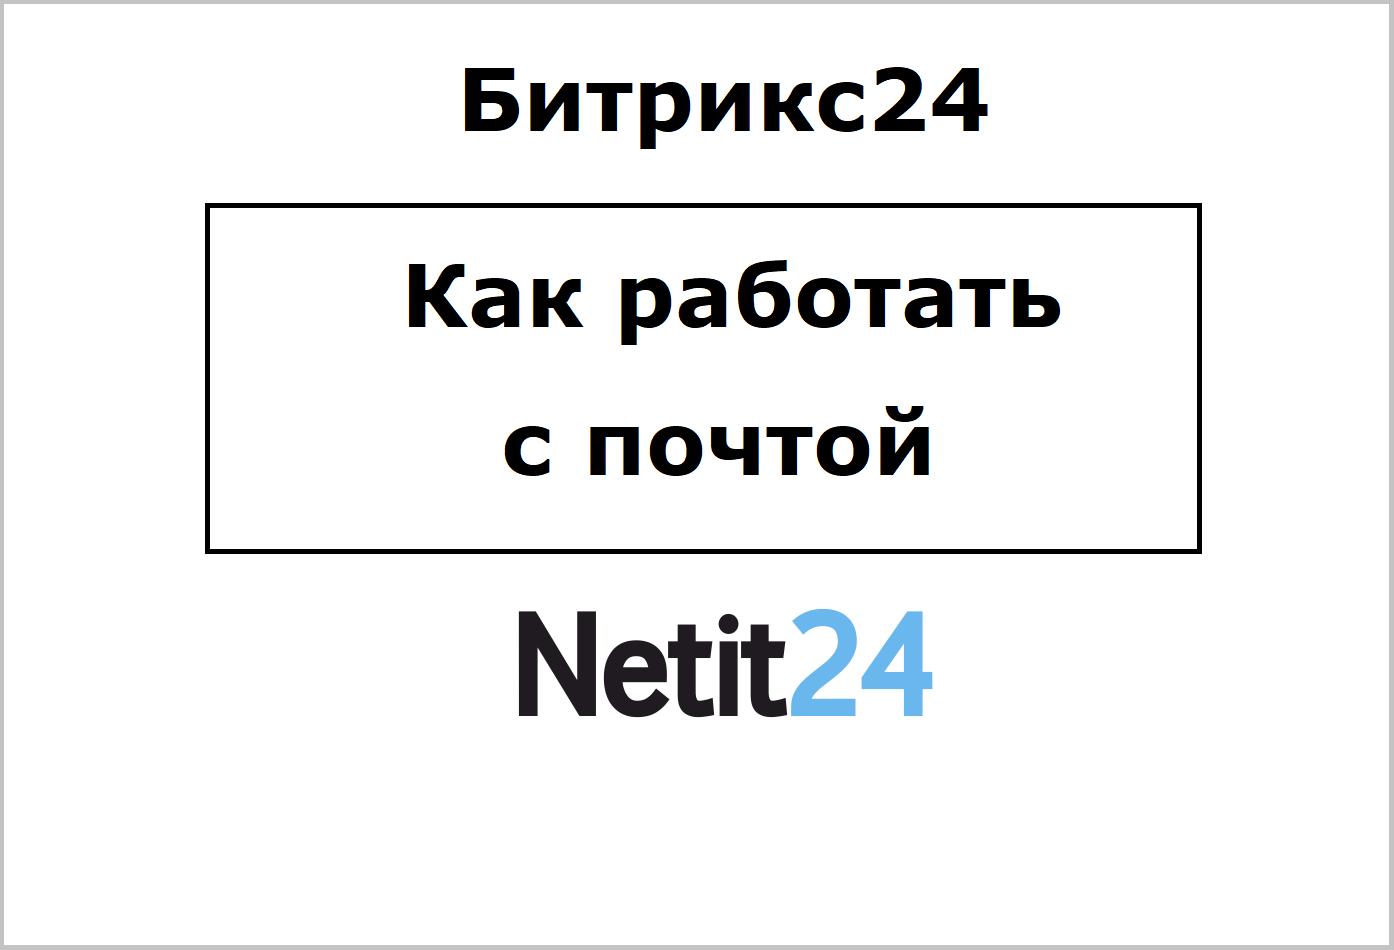 как работать с почтой от Битрикс24 инструкция и обучение Netit24